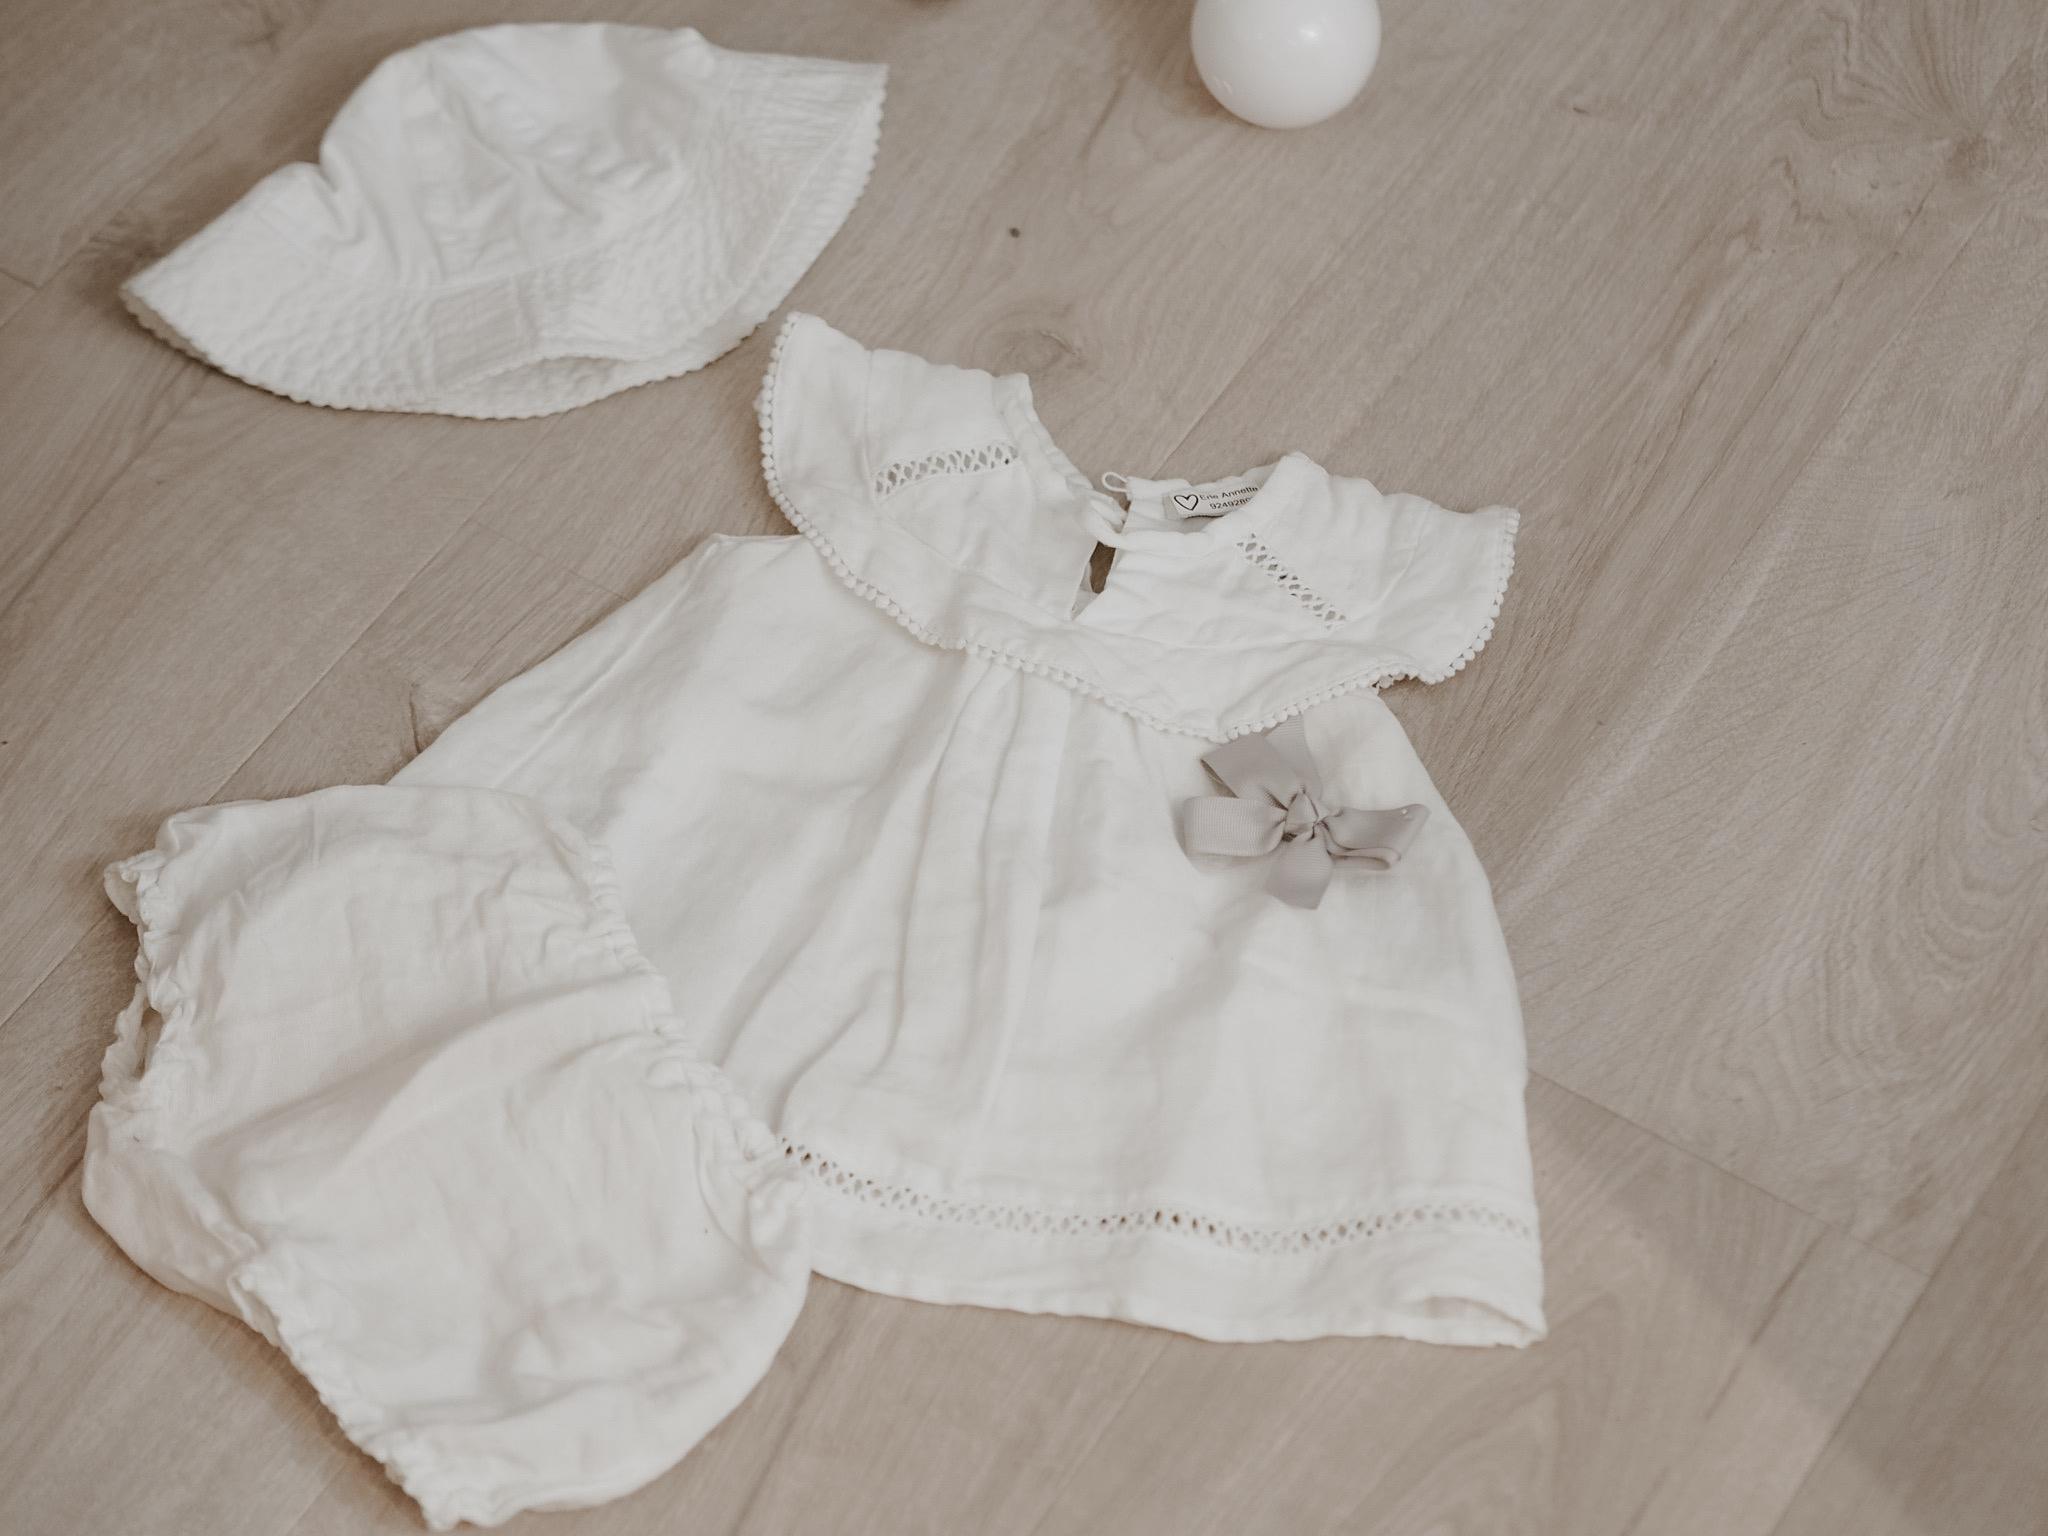 flatlays, babygirl clothes, sommerkjole, miniature